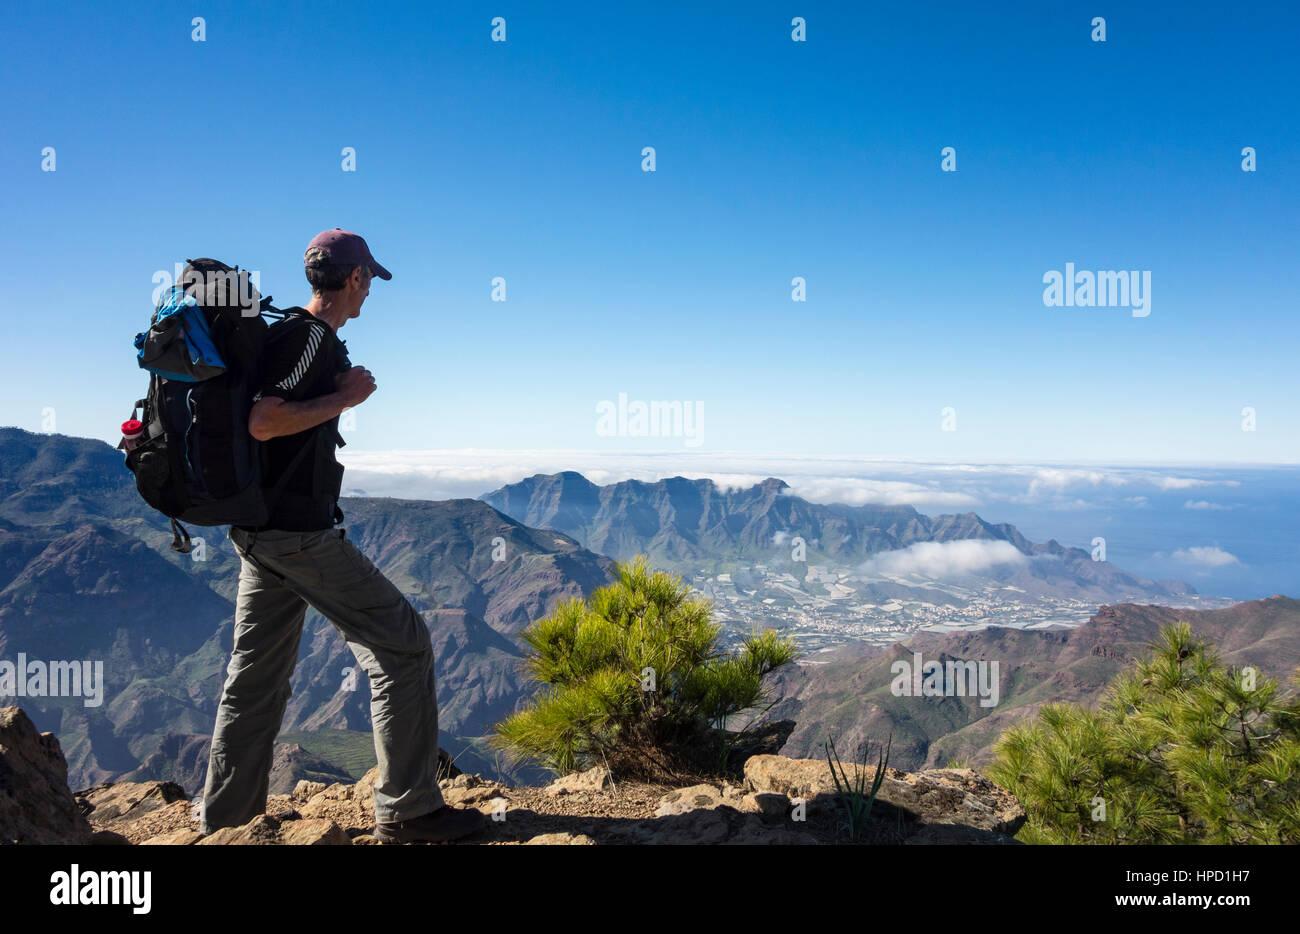 Mâle mature randonneur sur Alta Vista sur la montagne Grande Canarie avec La Aldea de San Nicolas village de Photo Stock